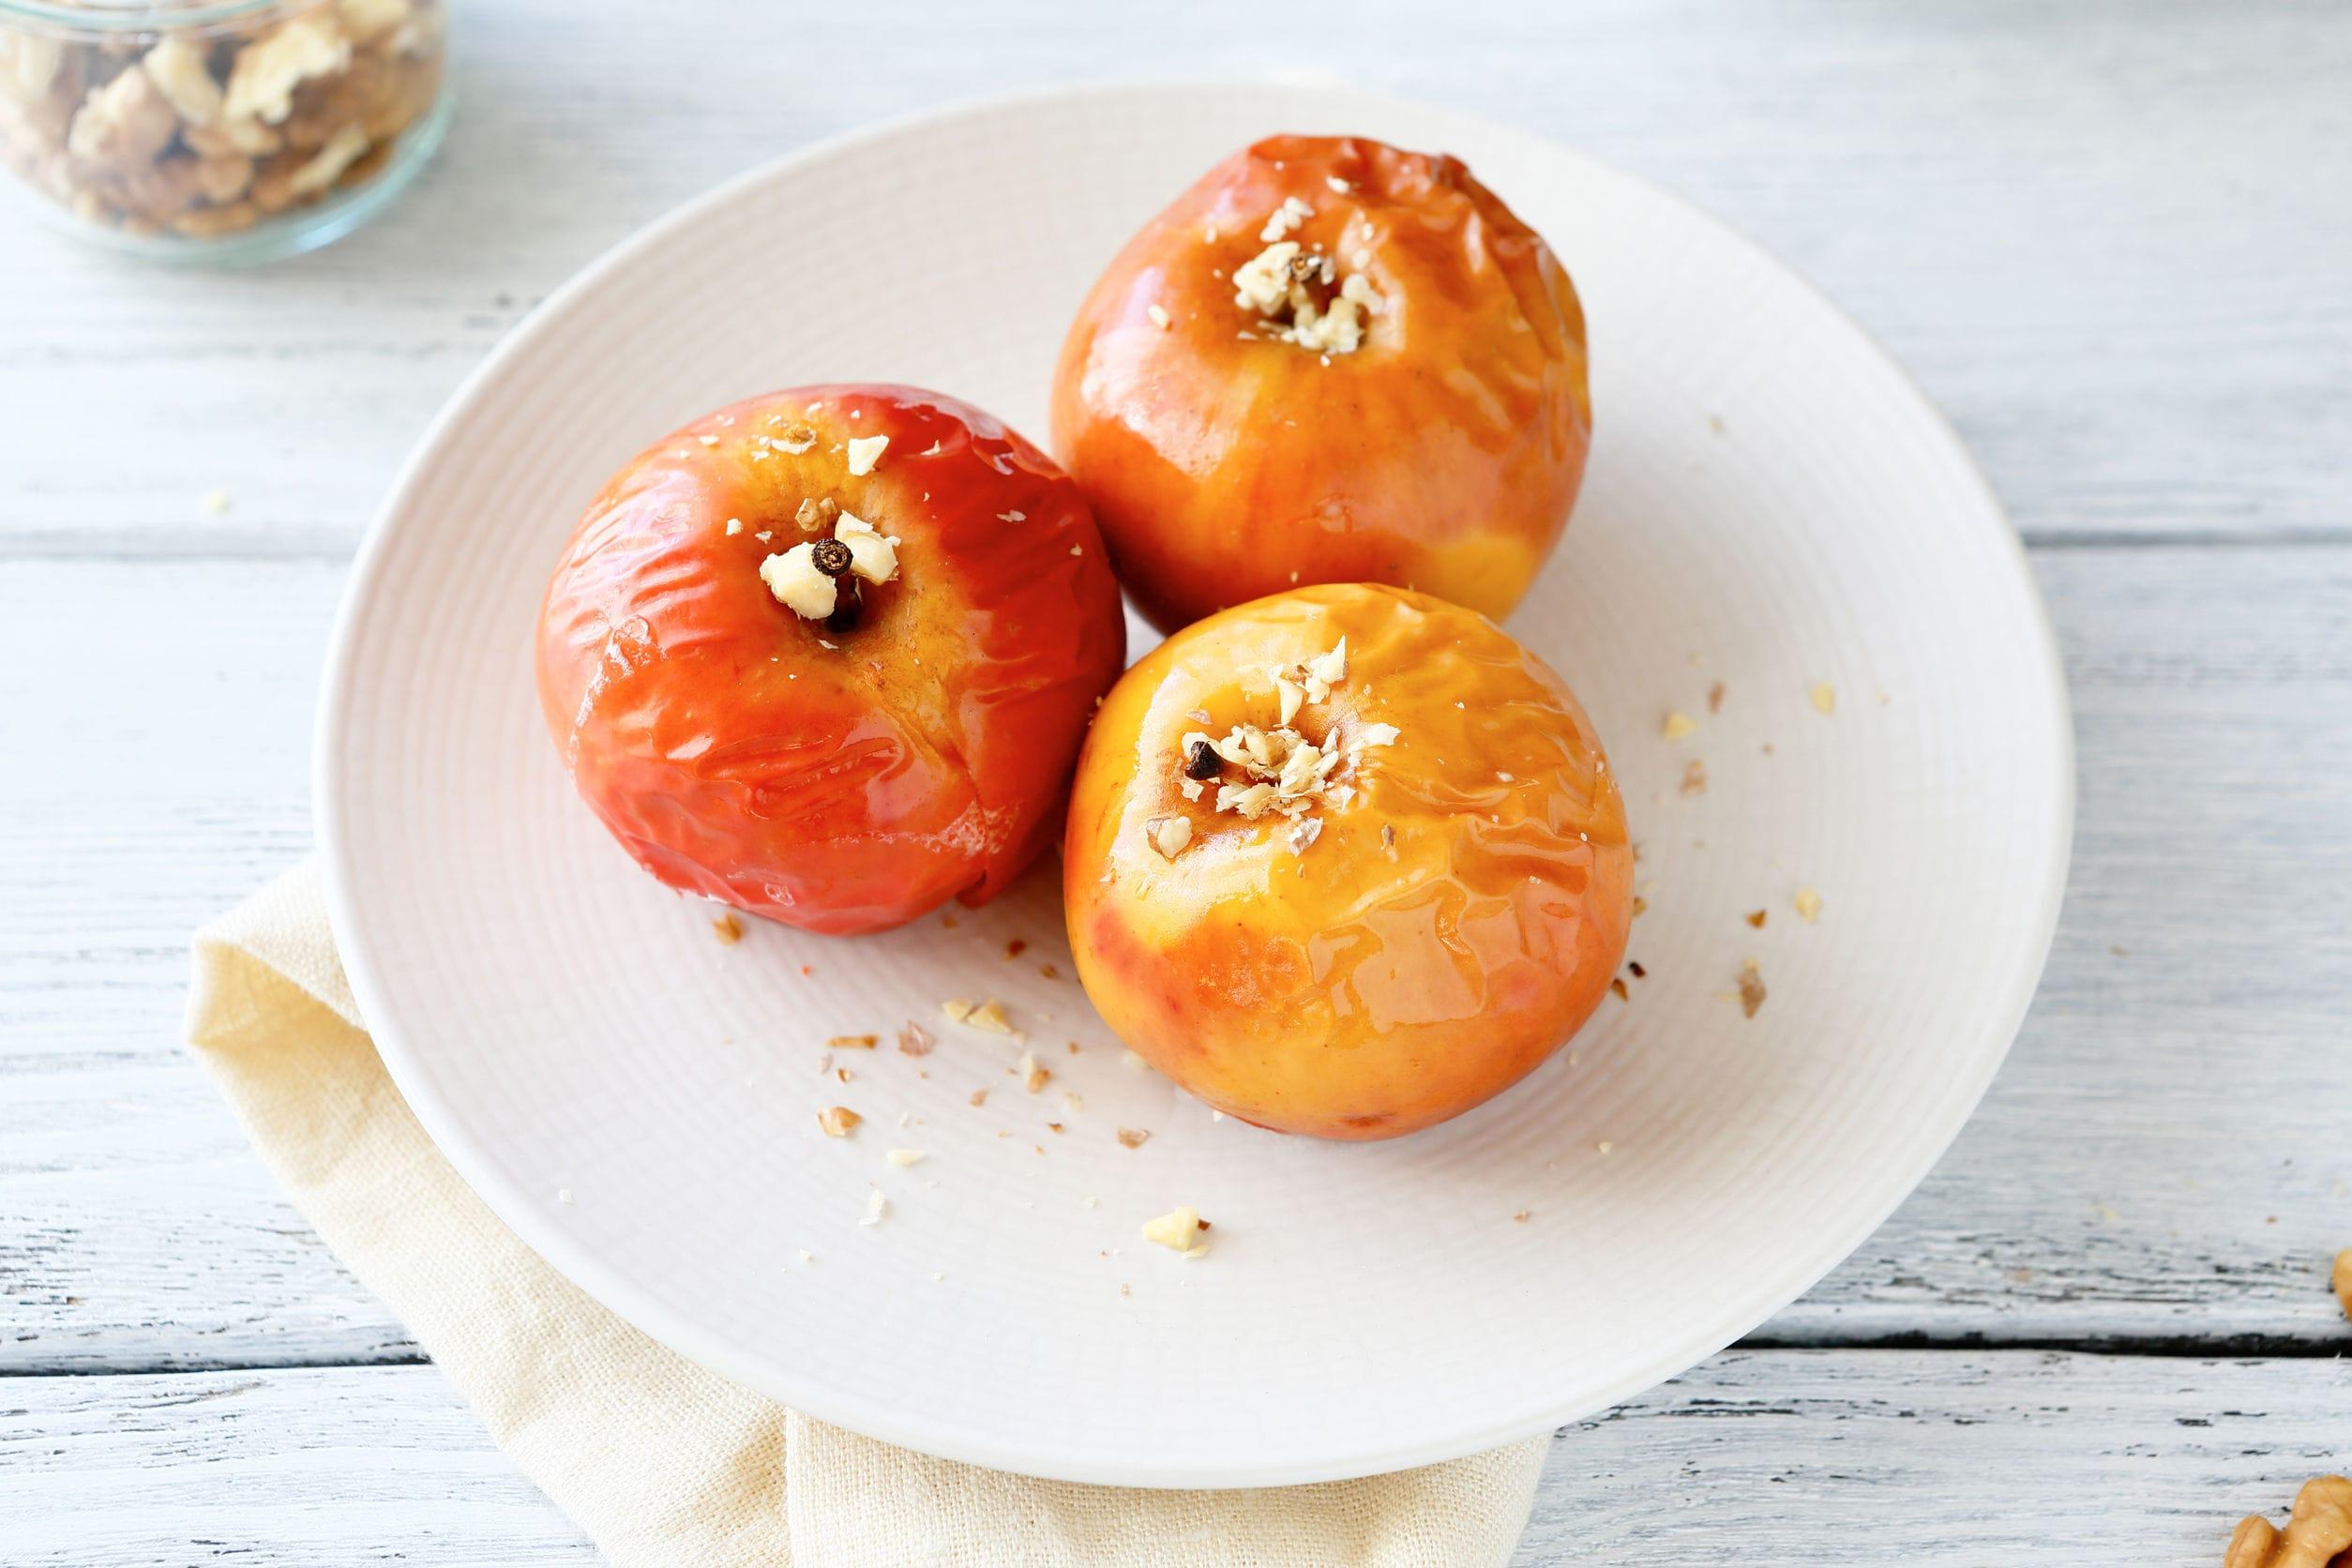 焼きりんごダイエット